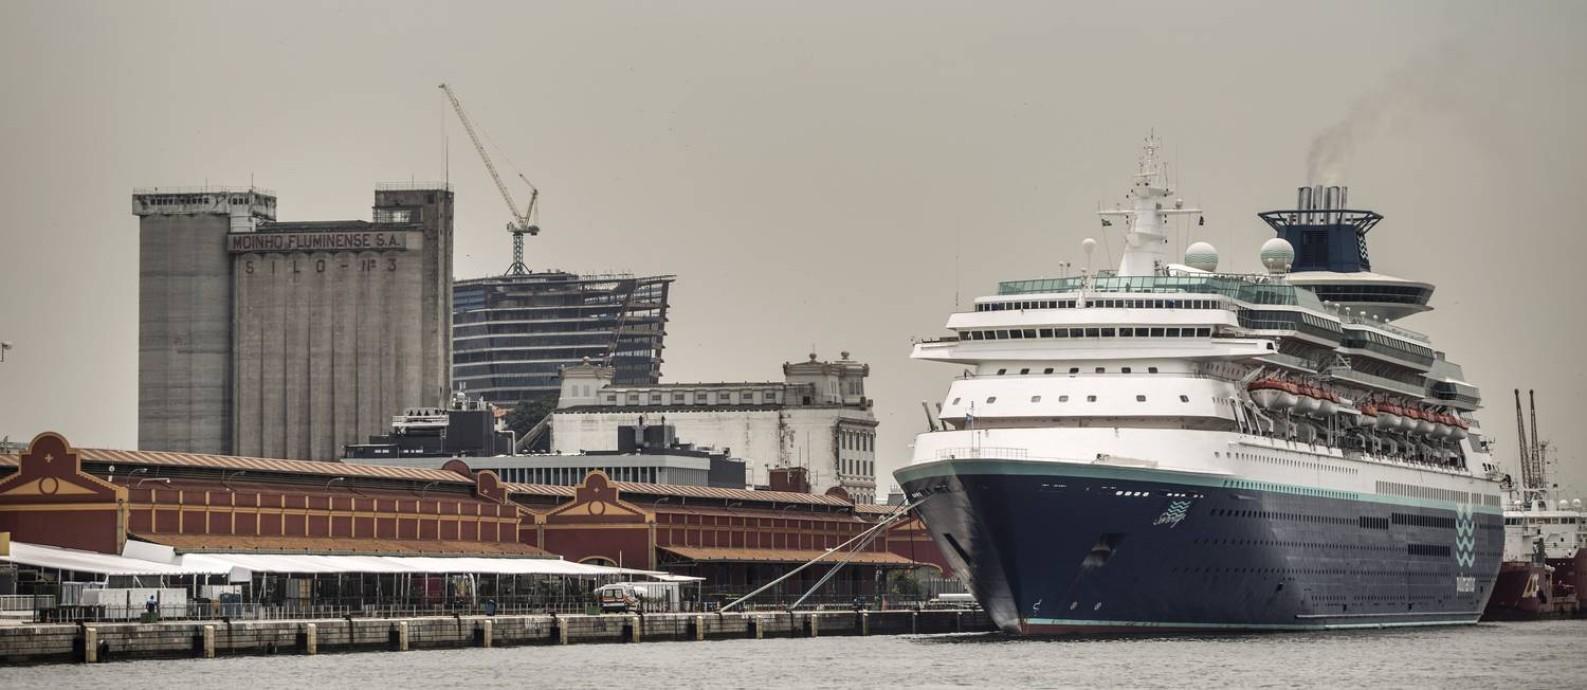 """O transatlântico """"Sovereign"""" atracado no Porto do Rio: cidade deve receber hoje mais quatro grandes embarcações com turistas que virão para as festas de fim de ano. Até março de 2017, serão 93 navios Foto: Ana Branco / Agência O Globo"""